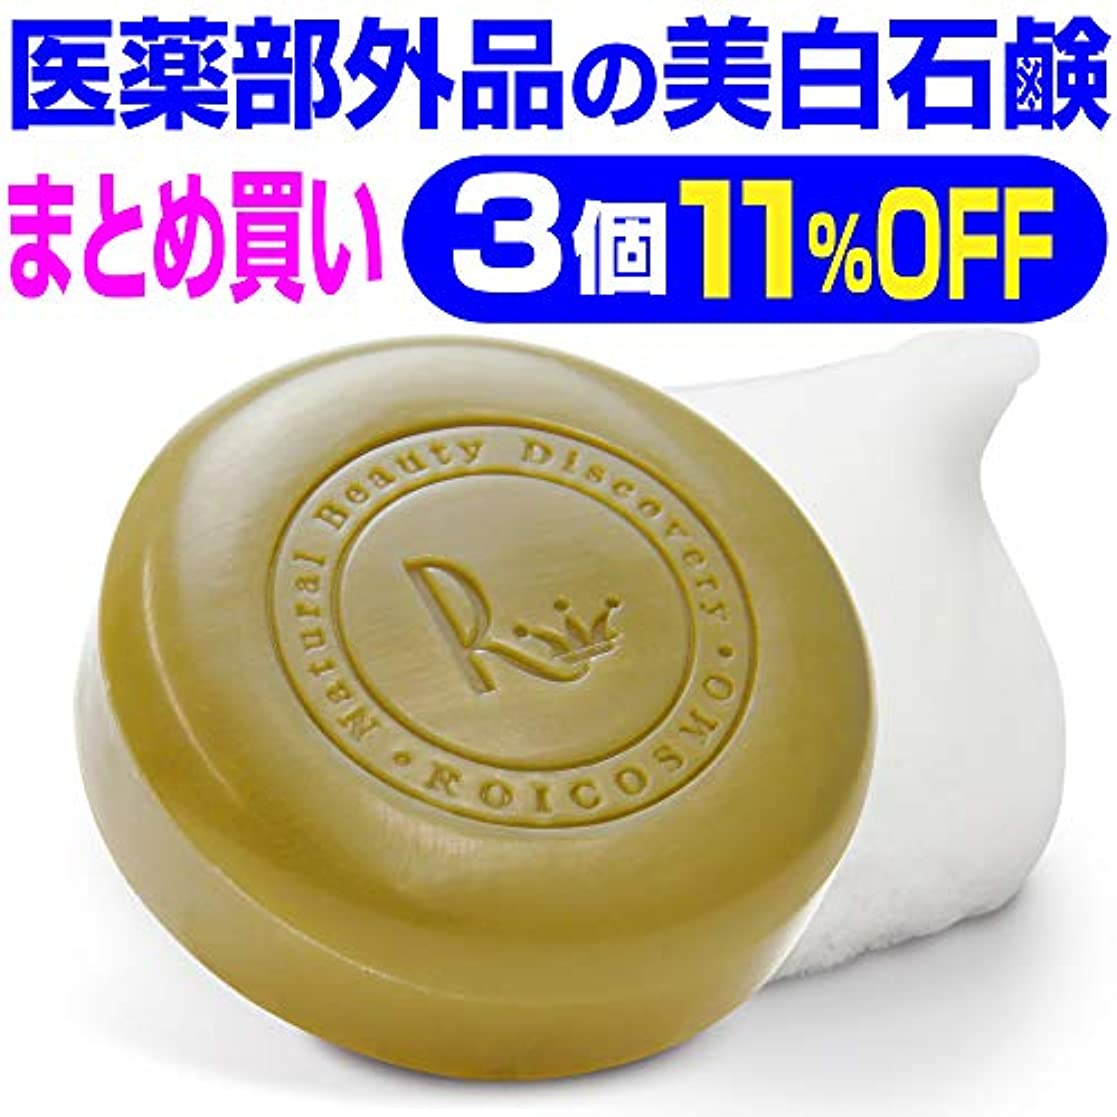 闘争つぶやきしみ3個まとめ買い11%OFF 美白石鹸/ビタミンC270倍の美白成分配合の 洗顔石鹸『ホワイトソープ100g×3個』